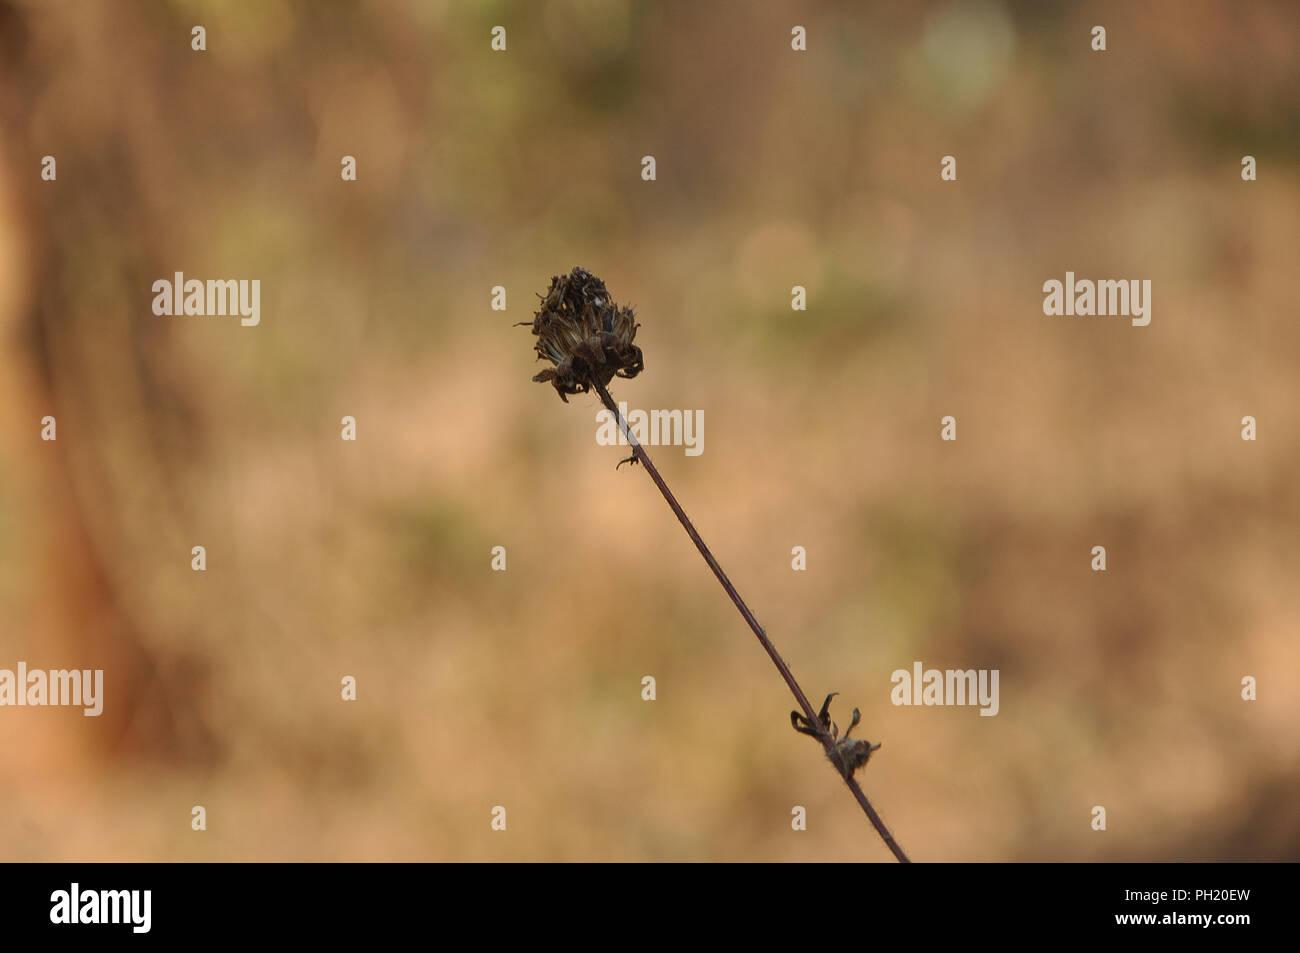 single upright plant - Stock Image